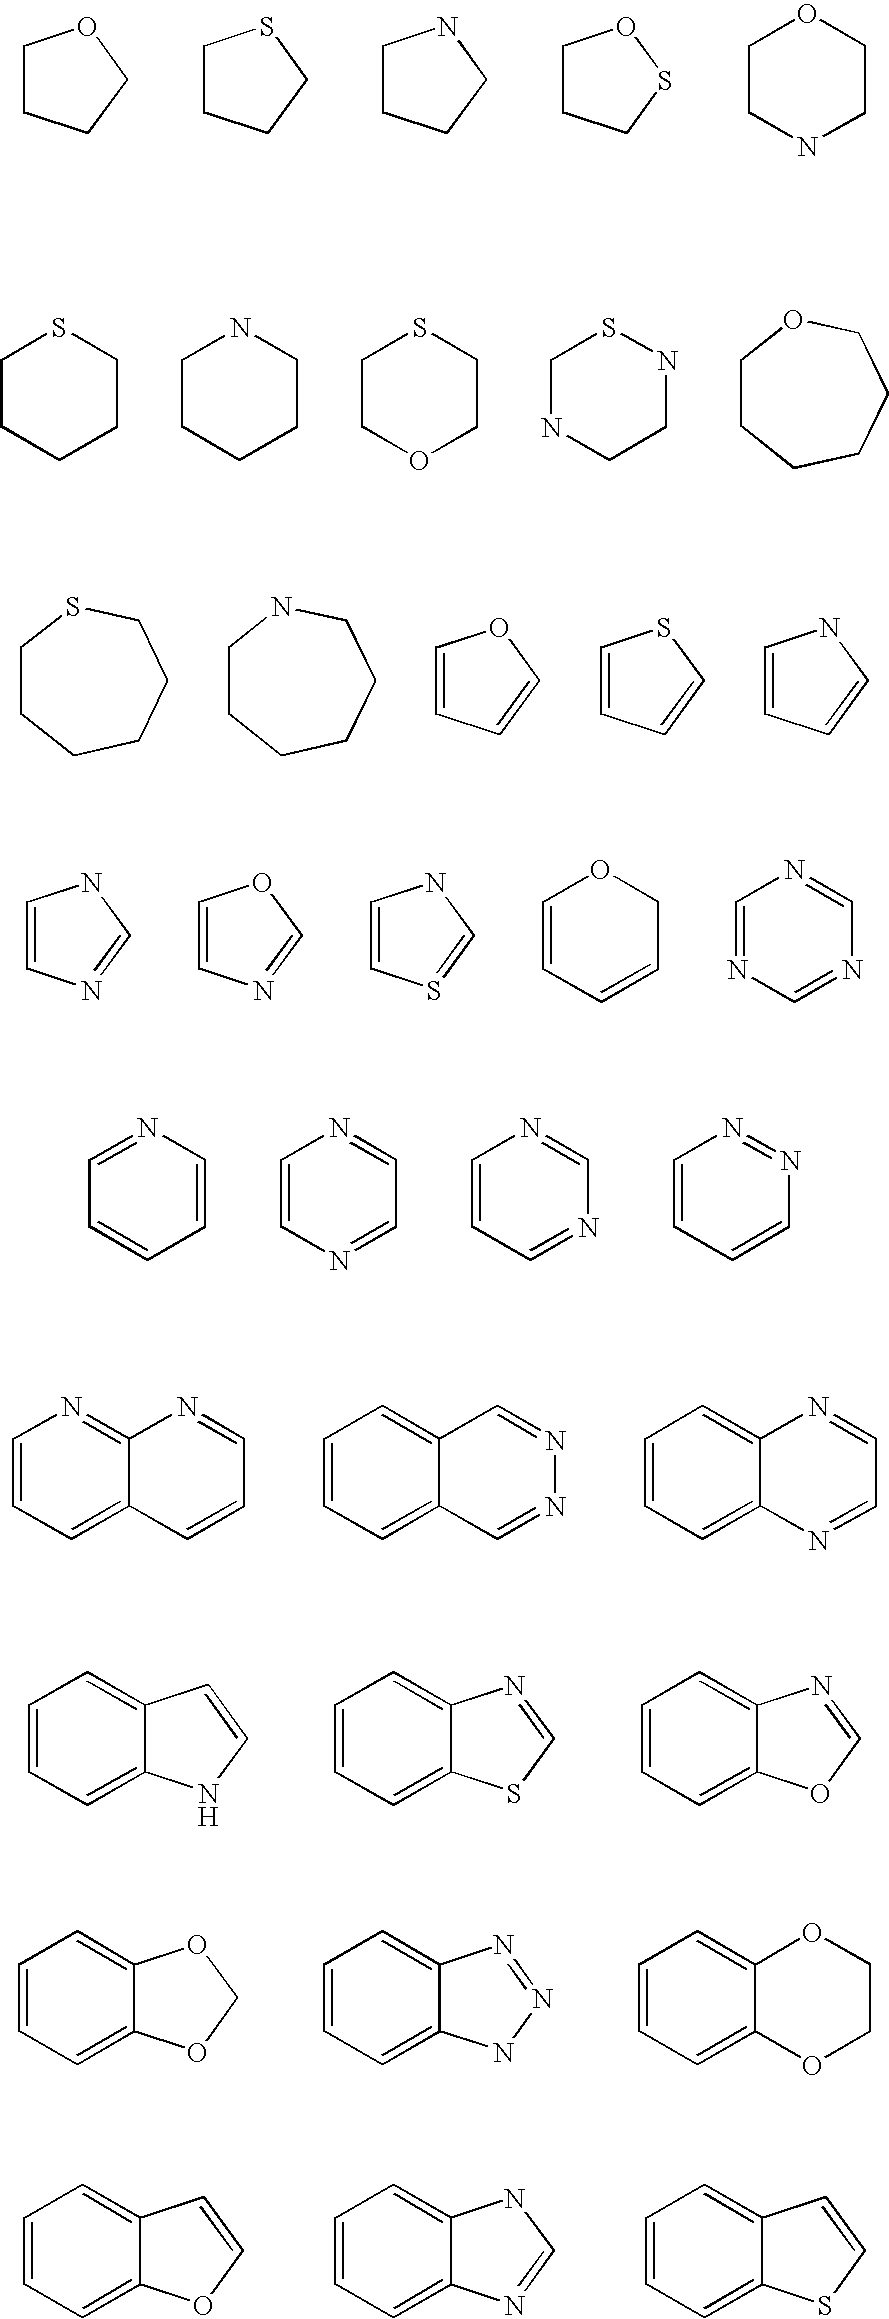 Figure US20040106652A1-20040603-C00003